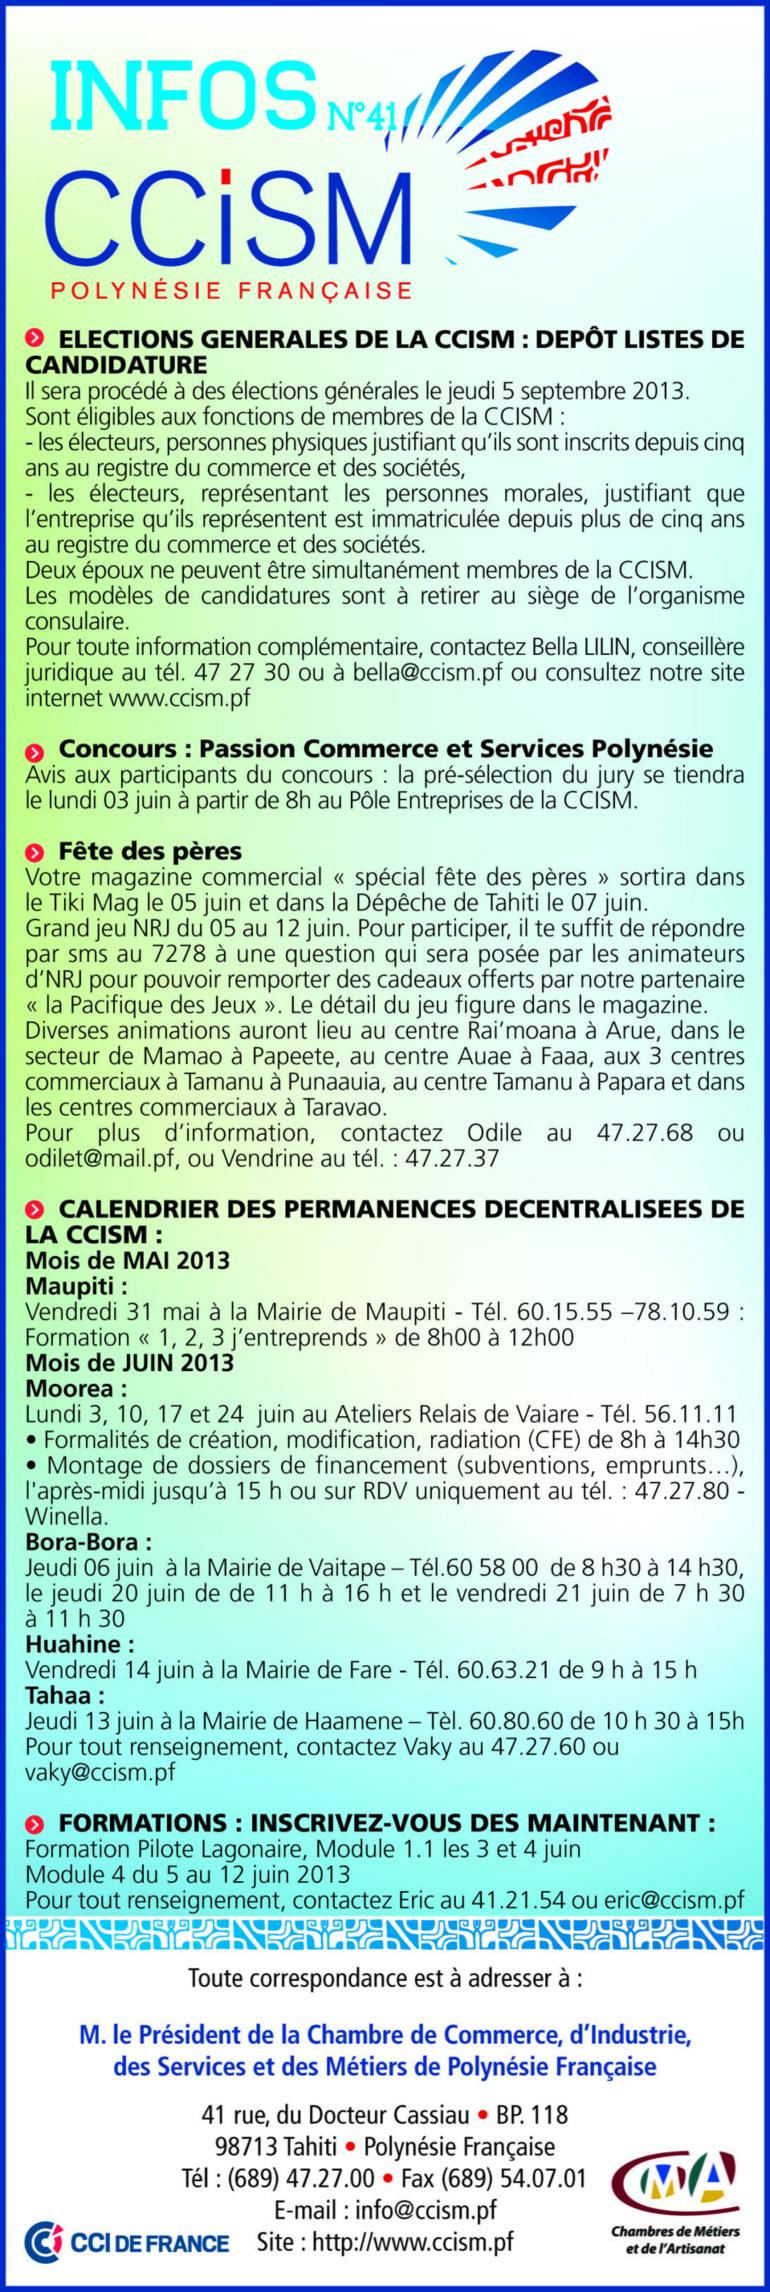 Infos CCISM N°41